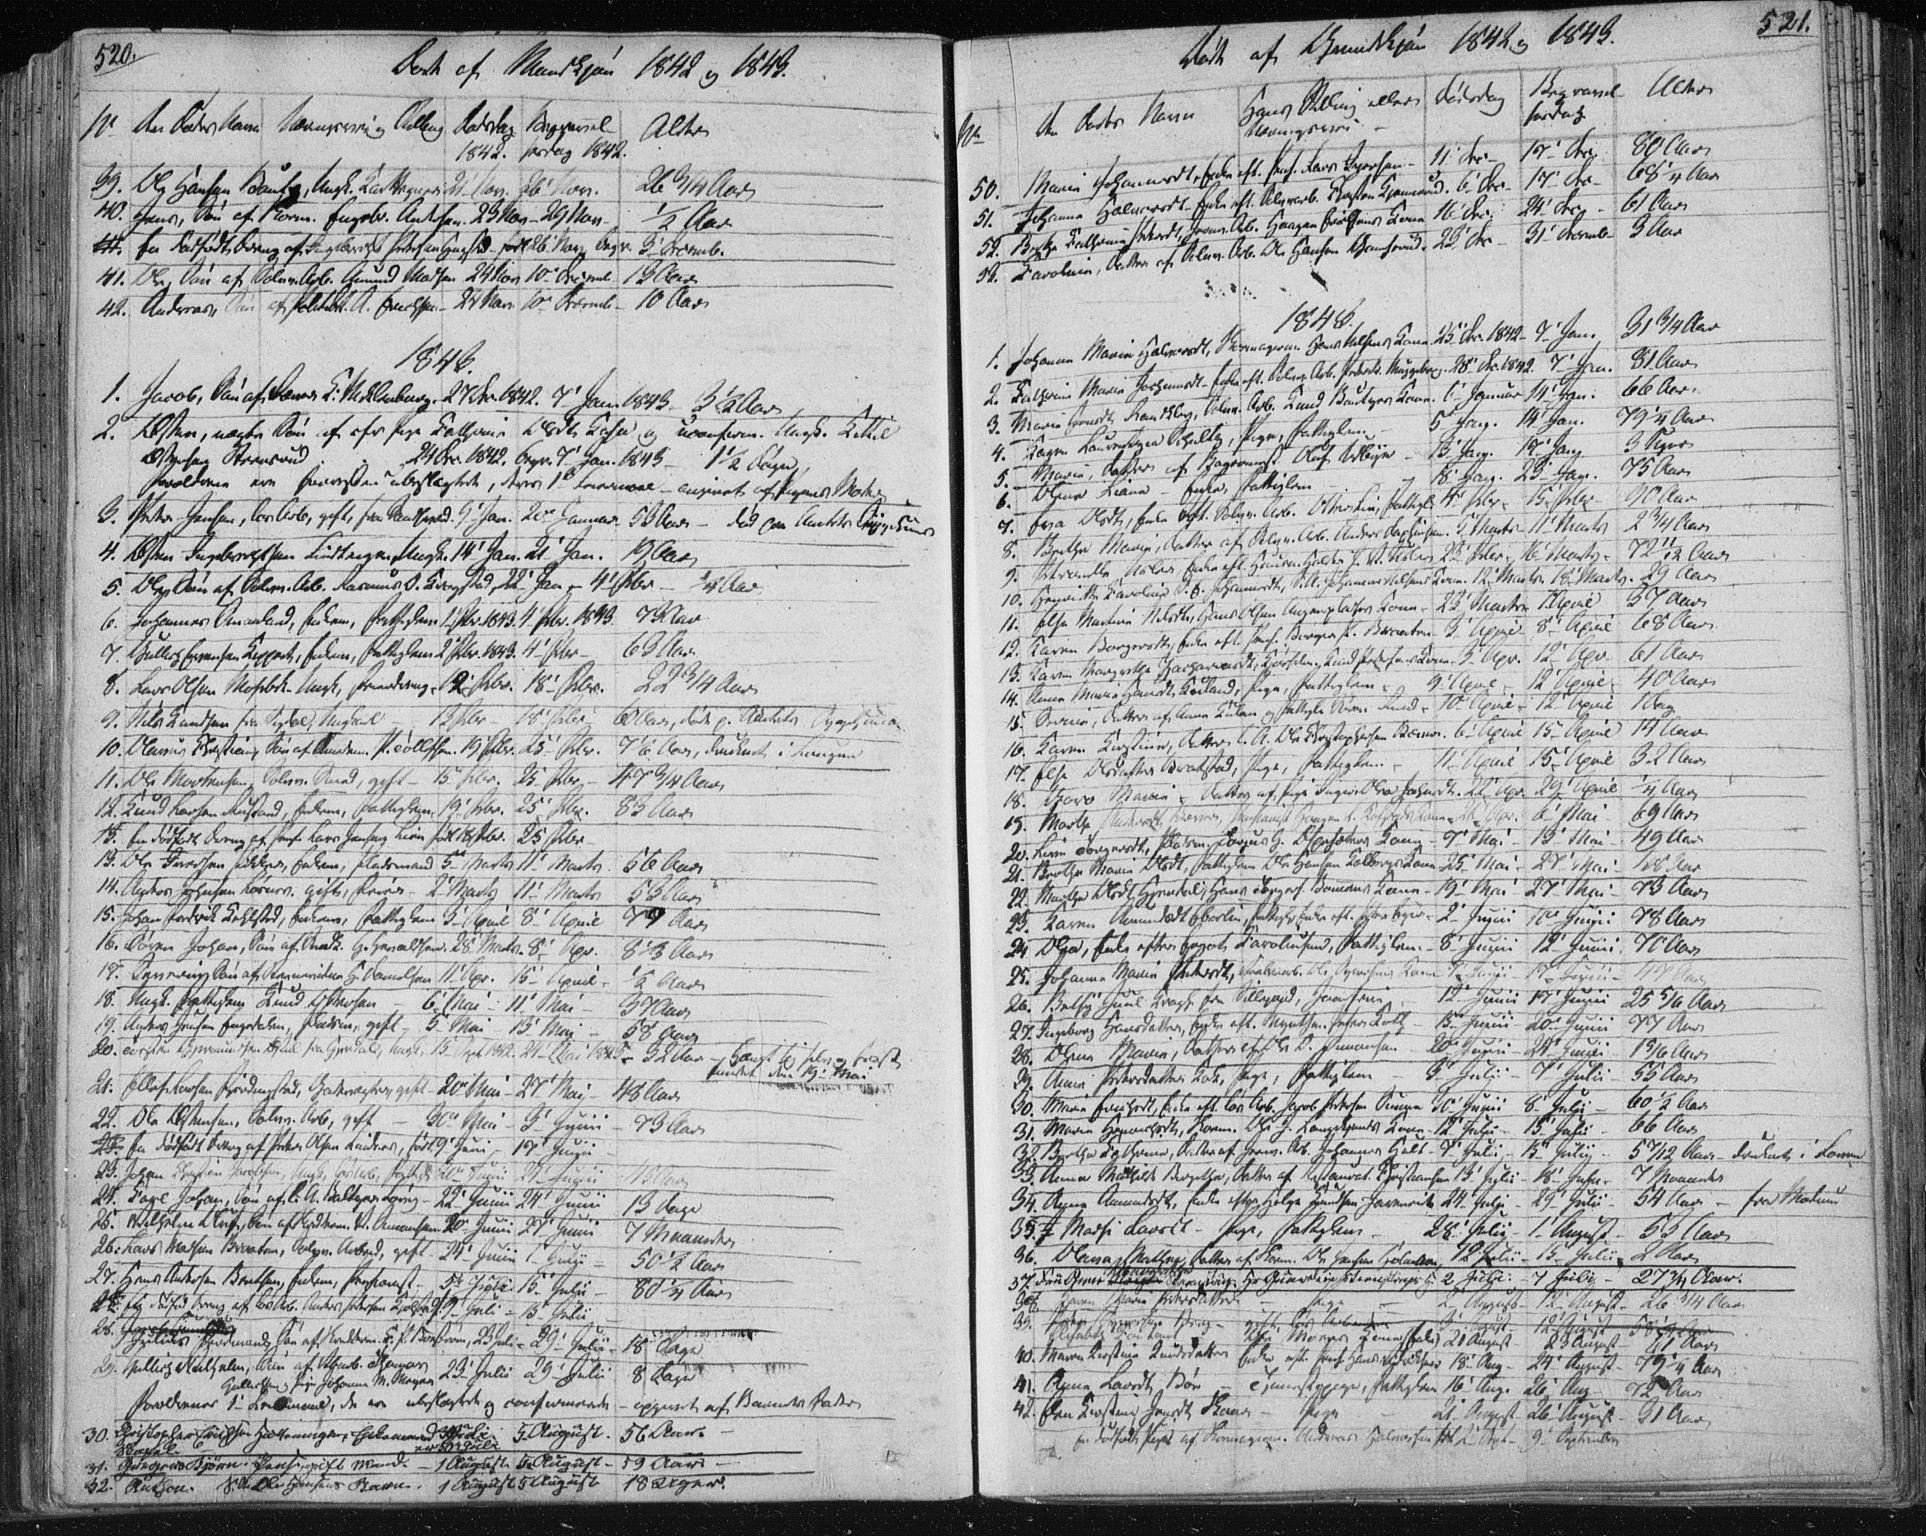 SAKO, Kongsberg kirkebøker, F/Fa/L0009: Ministerialbok nr. I 9, 1839-1858, s. 520-521